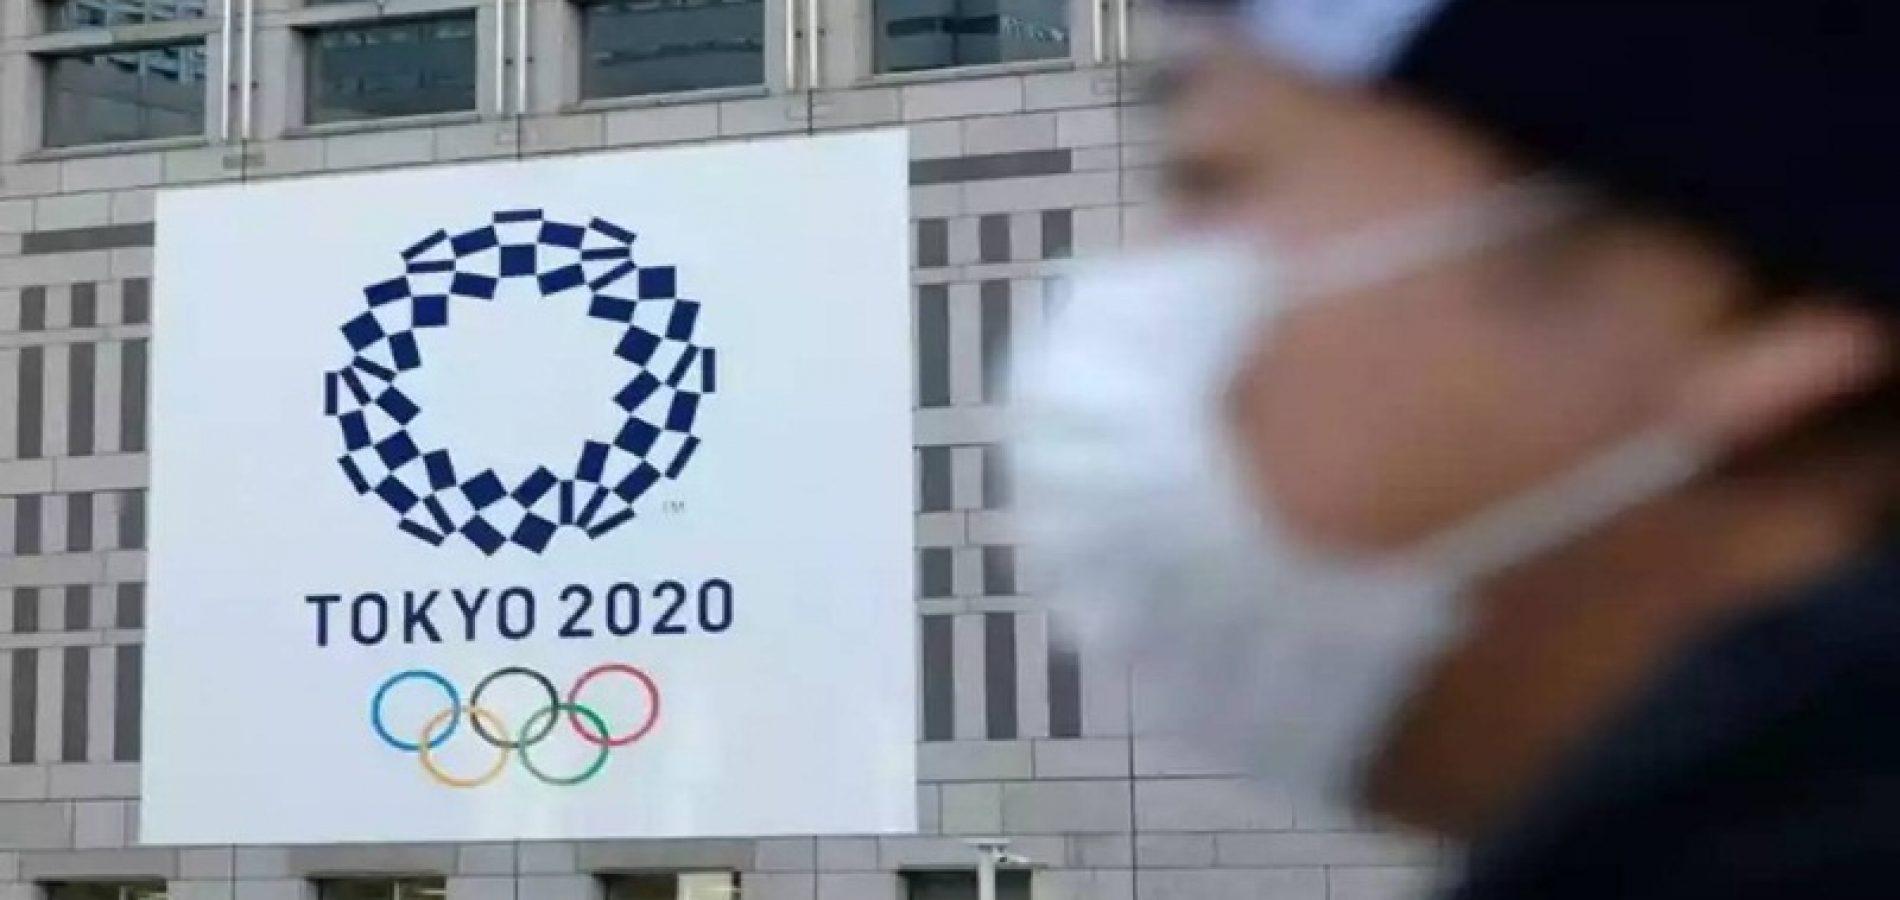 Jogos Olímpicos de Tóquio são adiados para 2021 por conta do novo coronavírus